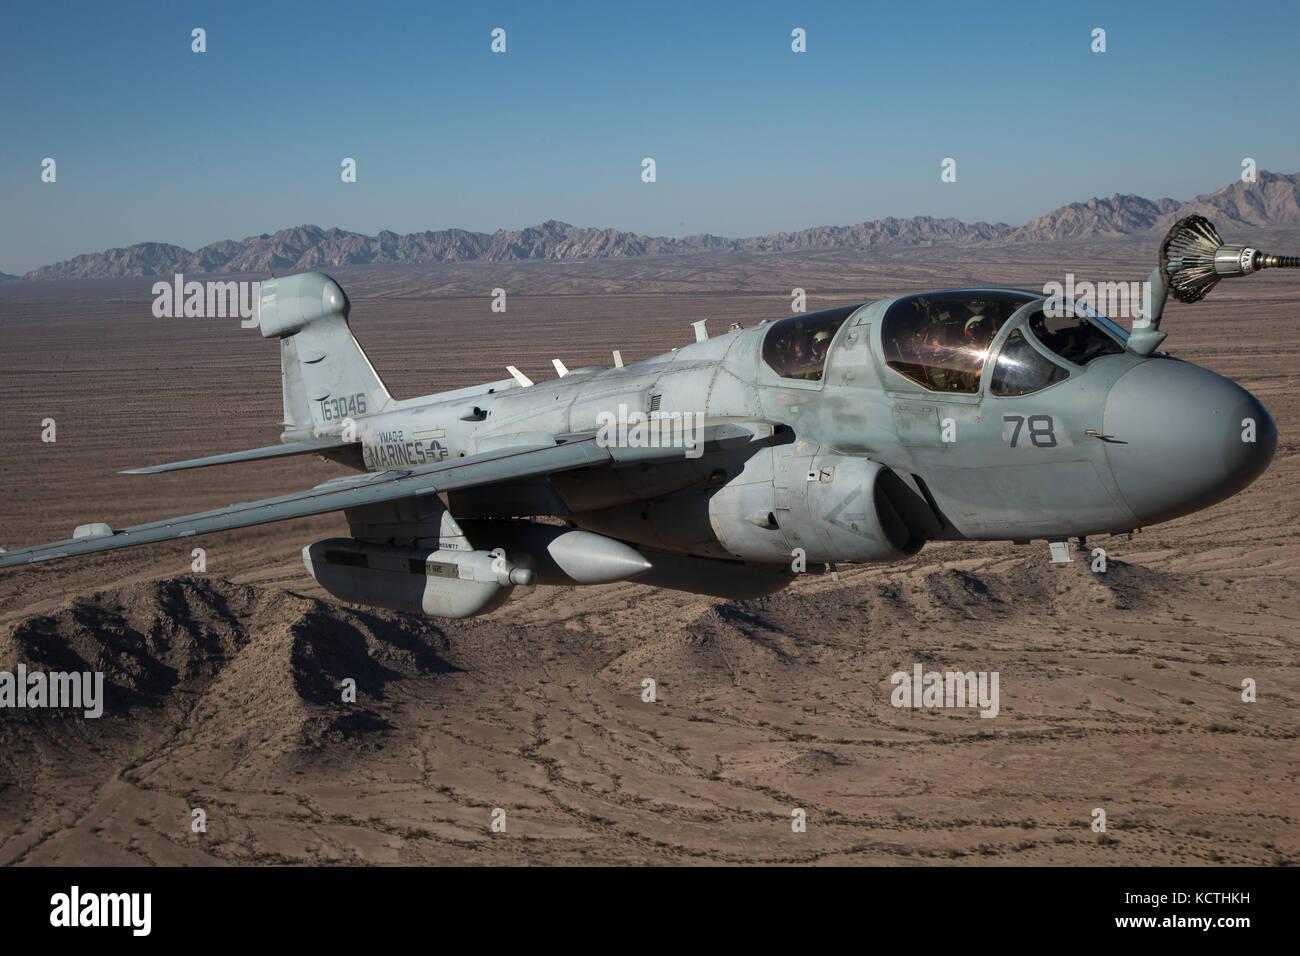 Cuerpo de Marines de EE.UU EA-6B Prowler asignado a la Aviación Marina Escuadrón de armas y tácticas (MAWTS-1) Foto de stock